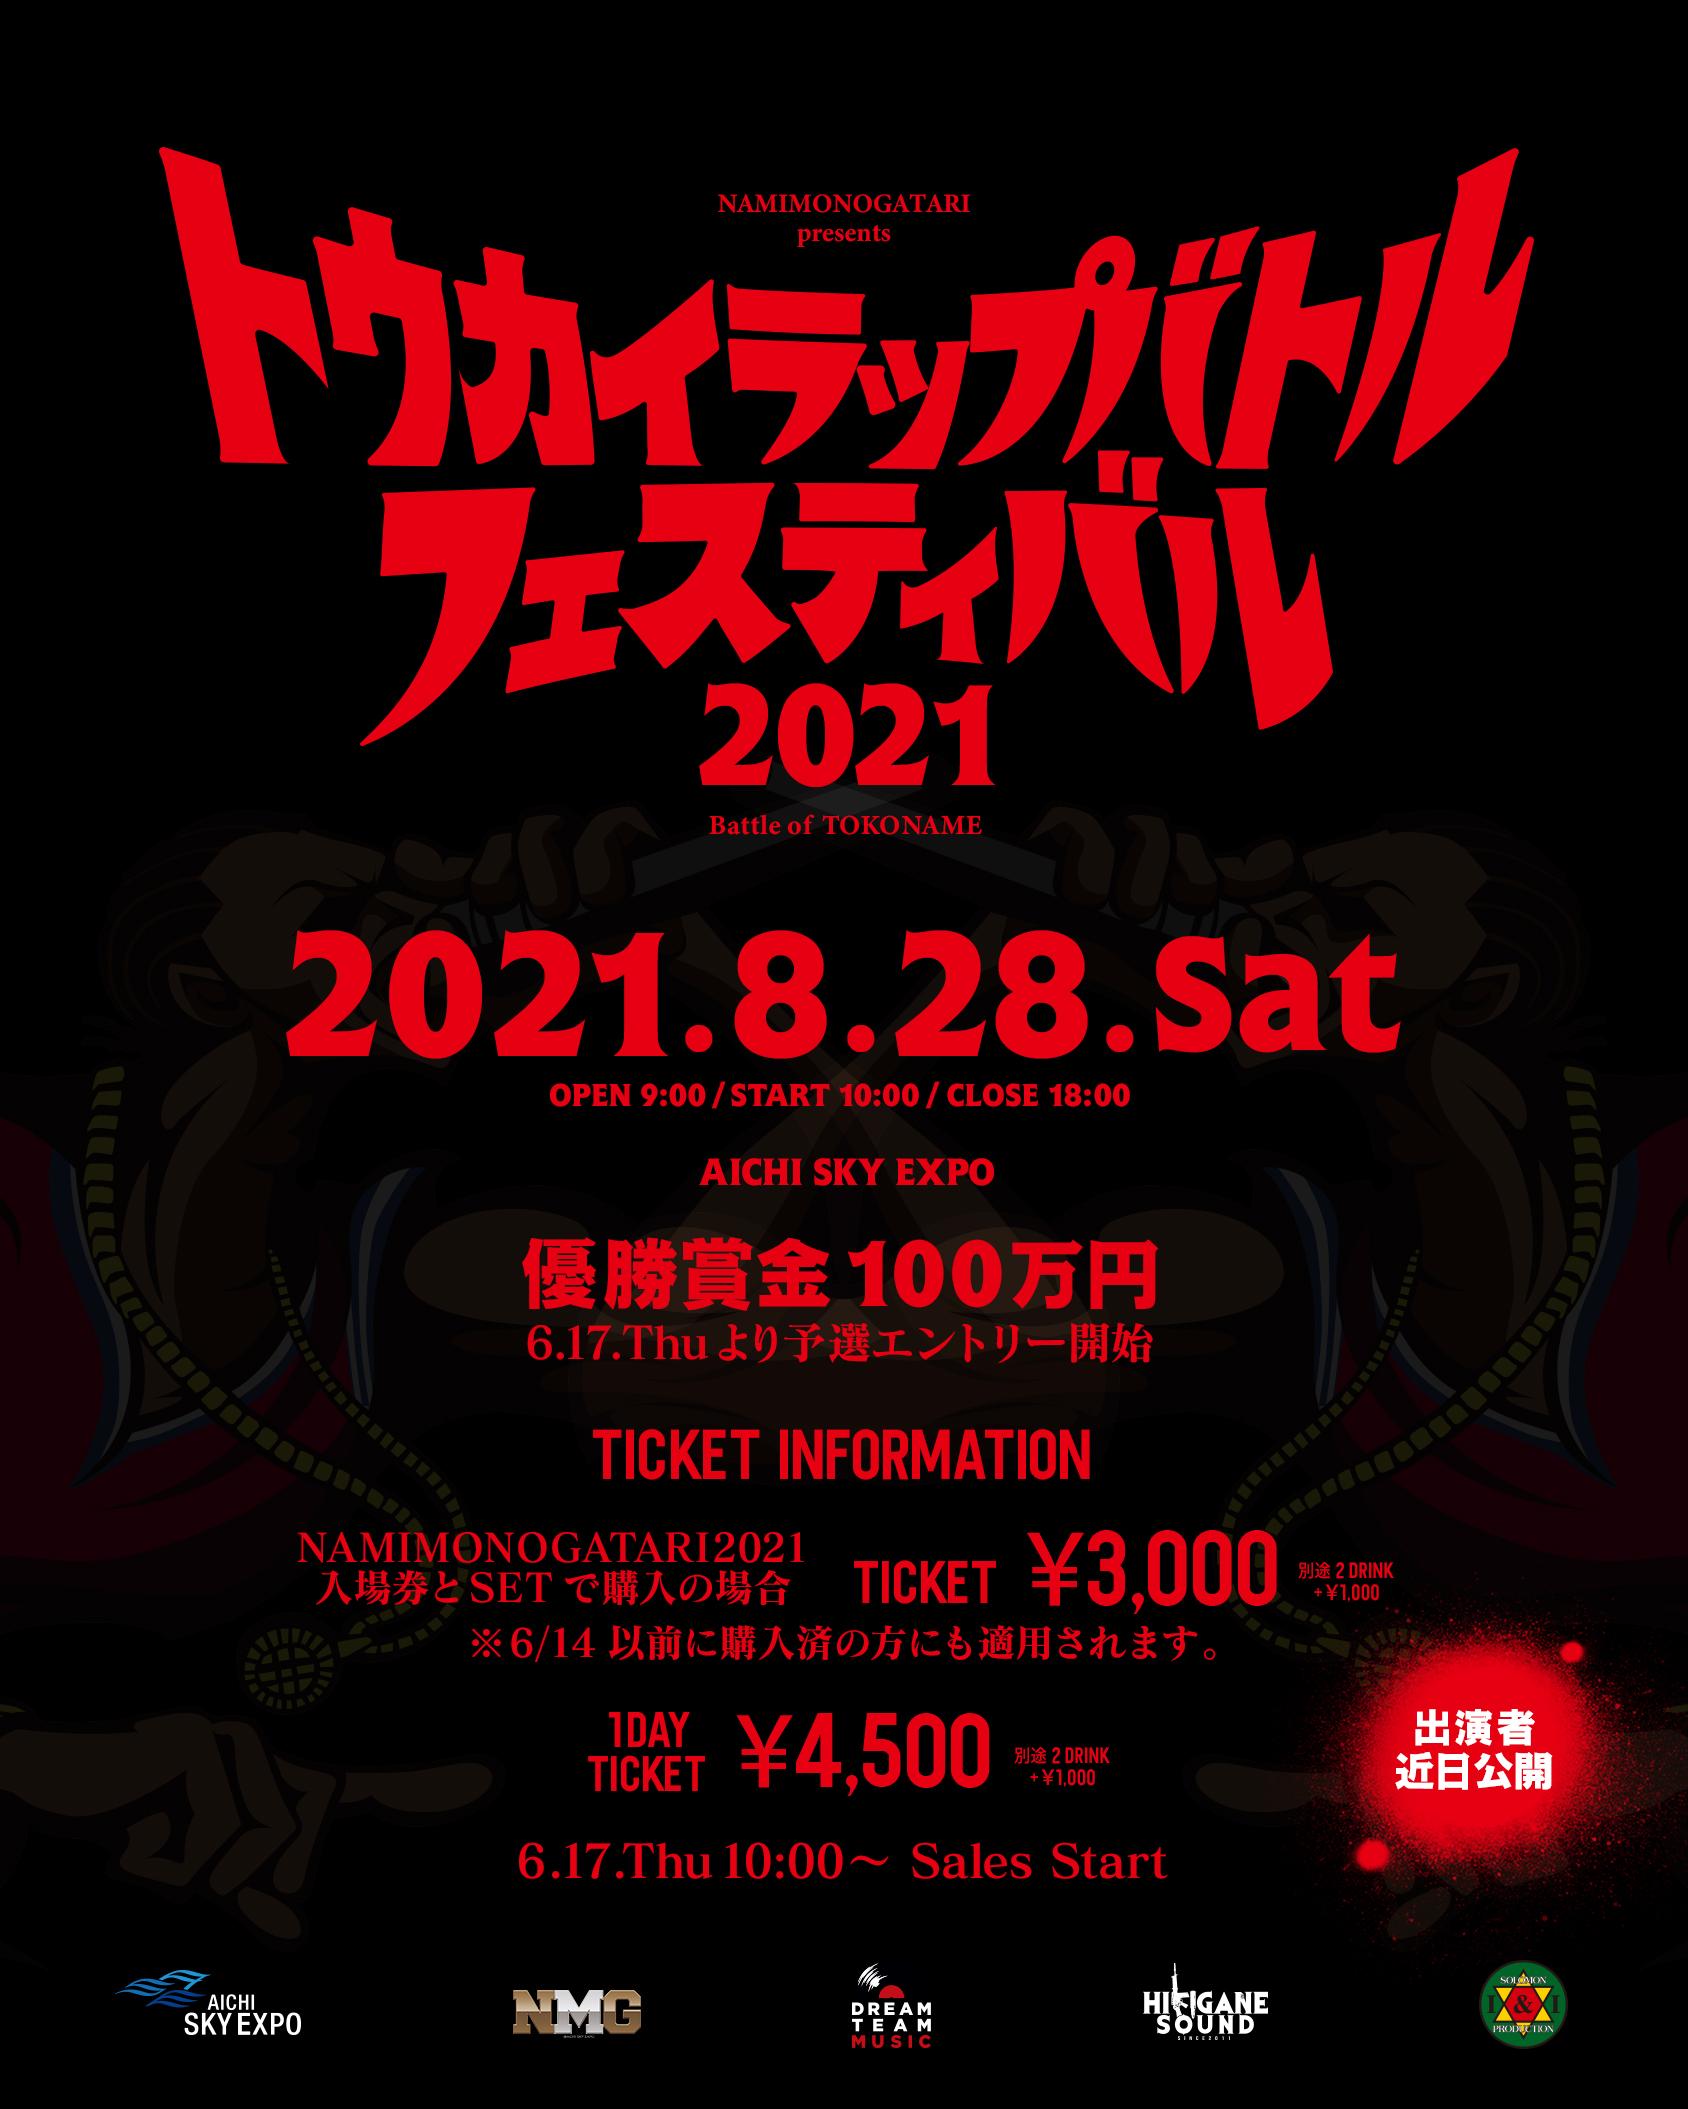 今夏開催の日本最大級HIPHOP・R&B野外フェス「NAMIMONOGATARI」にて 賞金100万円「 トウカイラップバトルフェスティバル」の初開催が決定!!